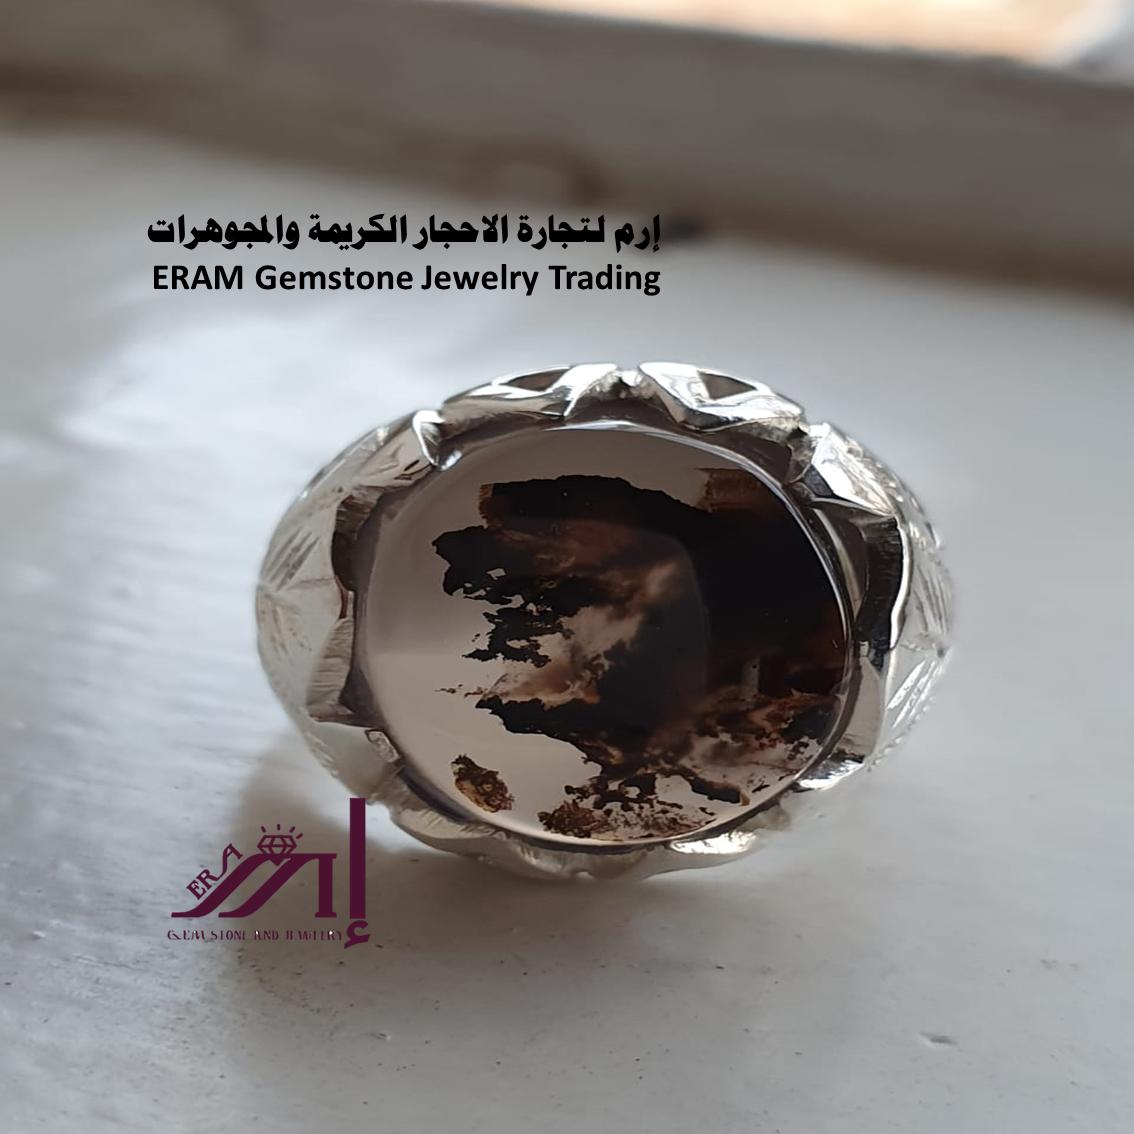 اقتني جوهرتك النادرة وكن مميز عن الاخرين خاتم ملكي عقيق يمني مصور نادرطبيعي100 Agate للعرض Christmas Bulbs Christmas Ornaments Gemstone Jewelry